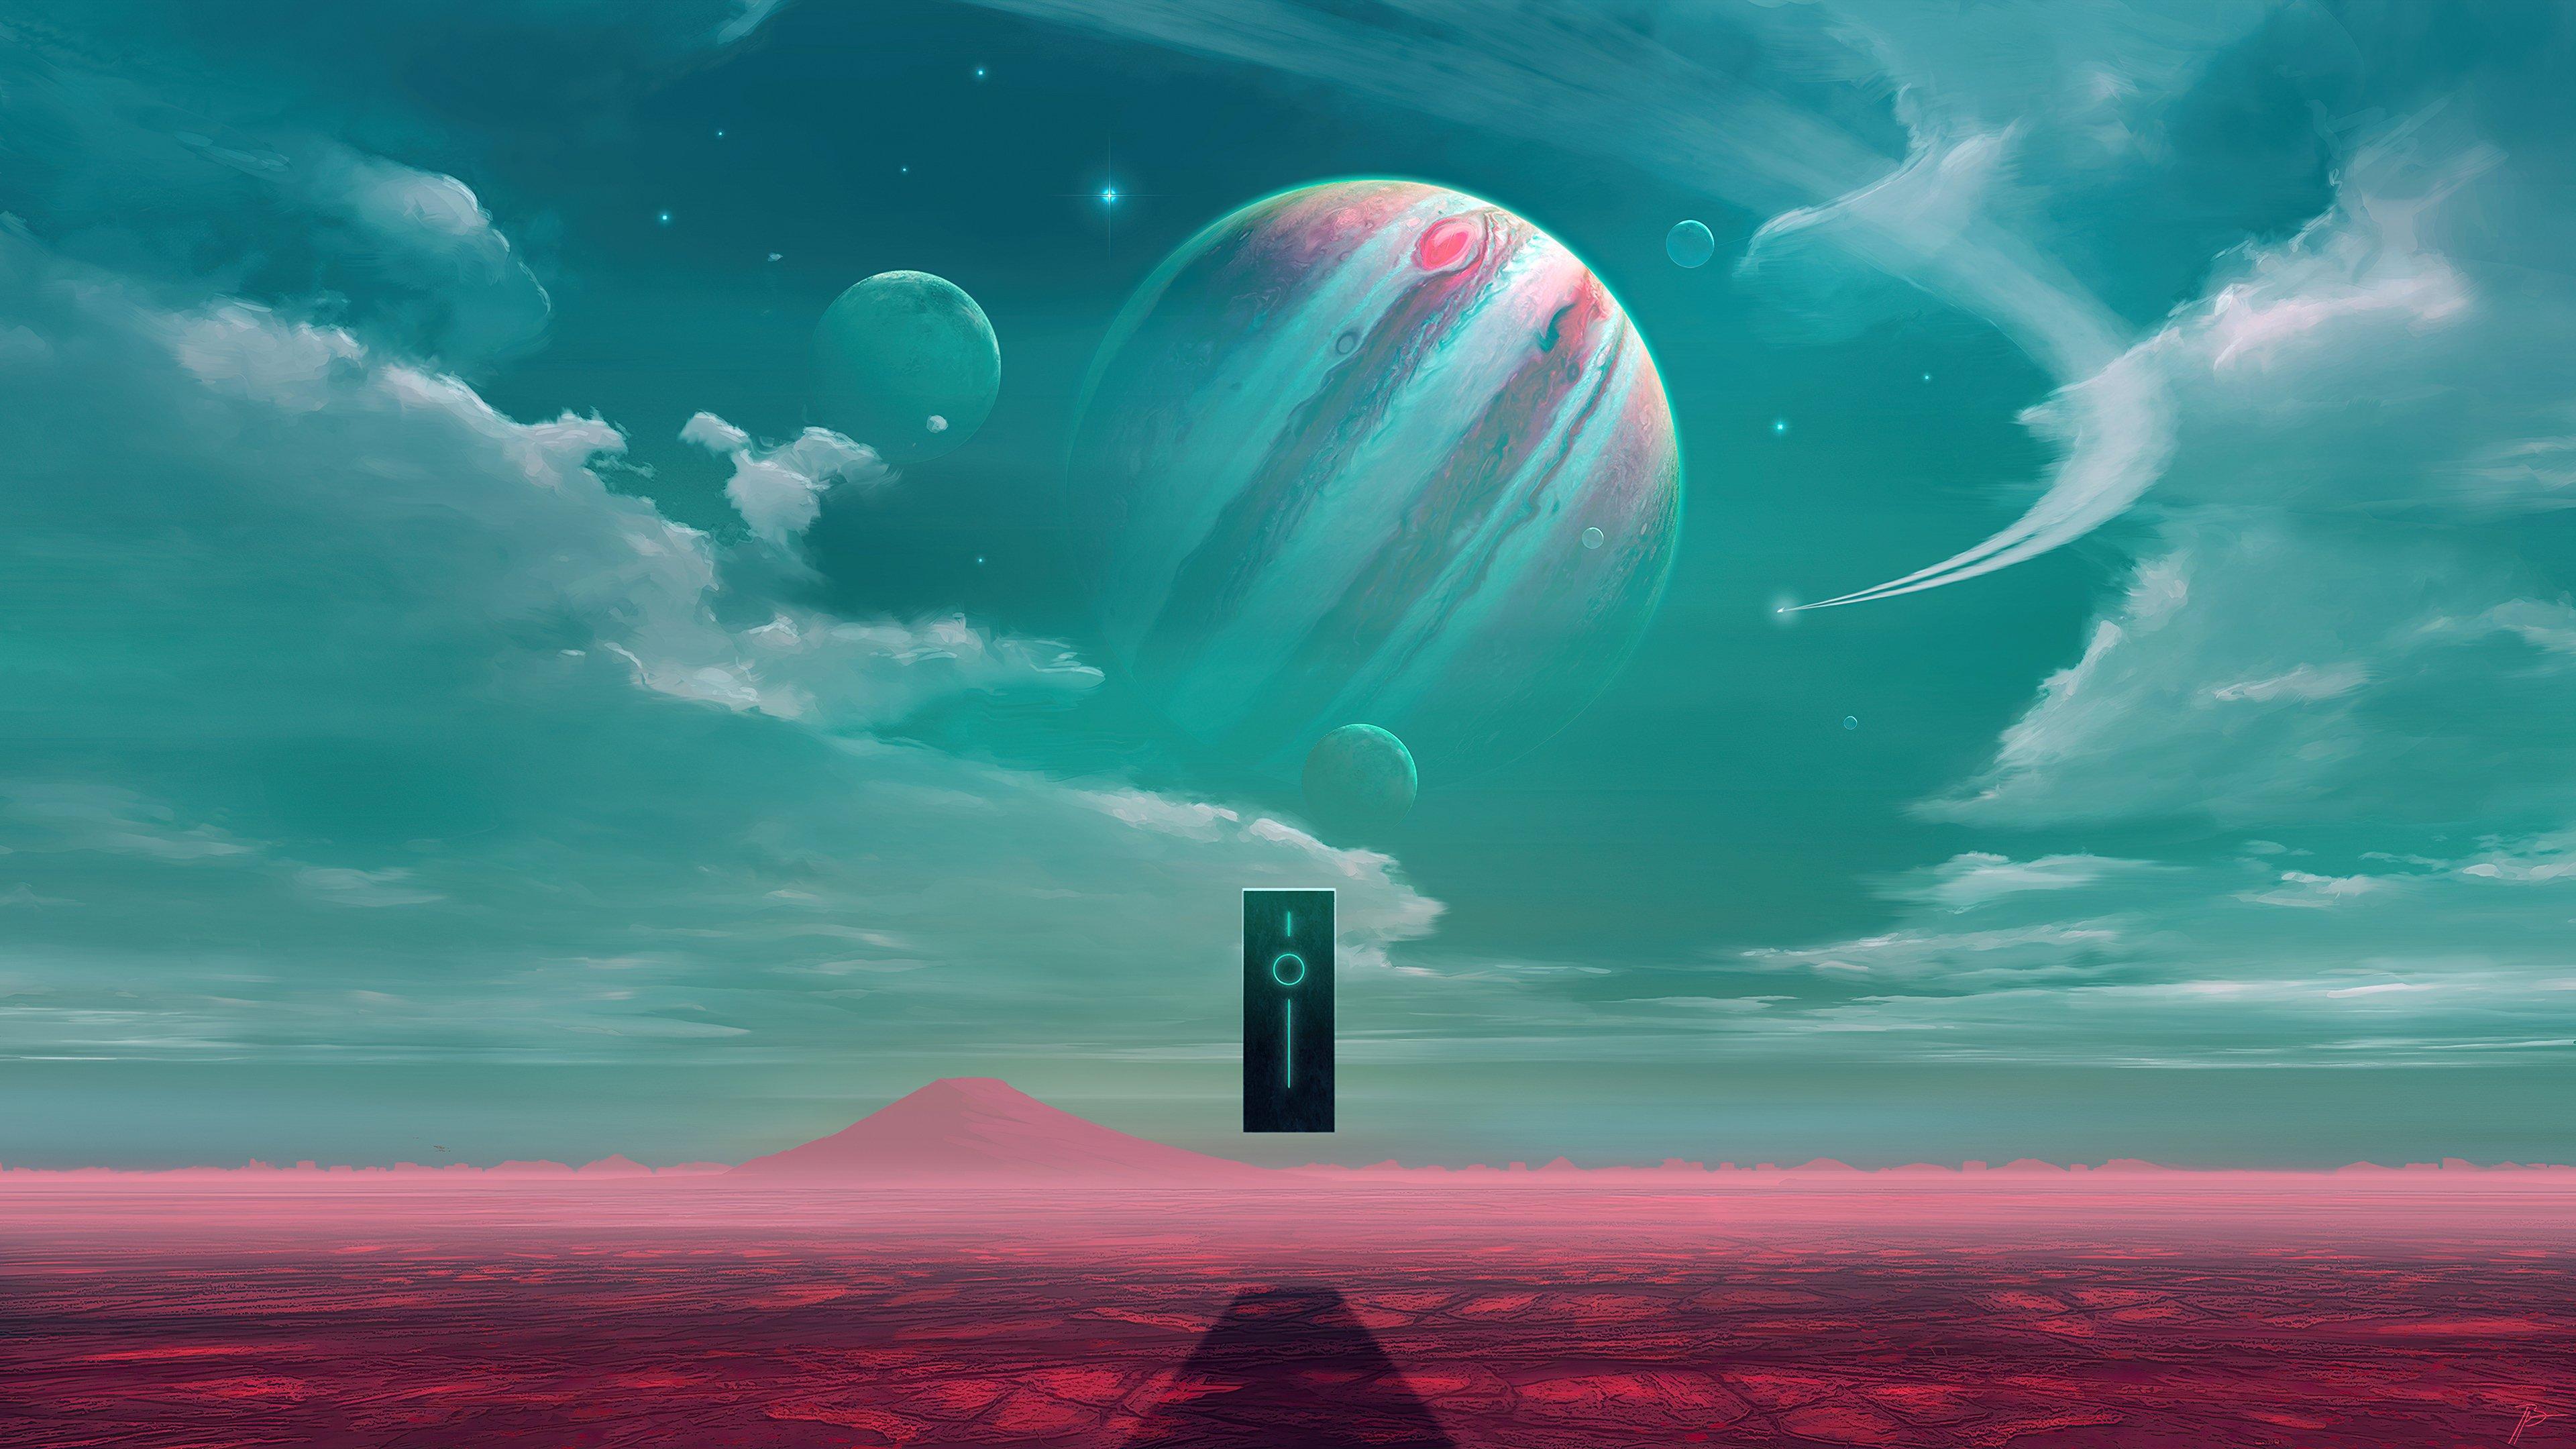 Fondos de pantalla Planeta de ciencia ficción entre estrellas